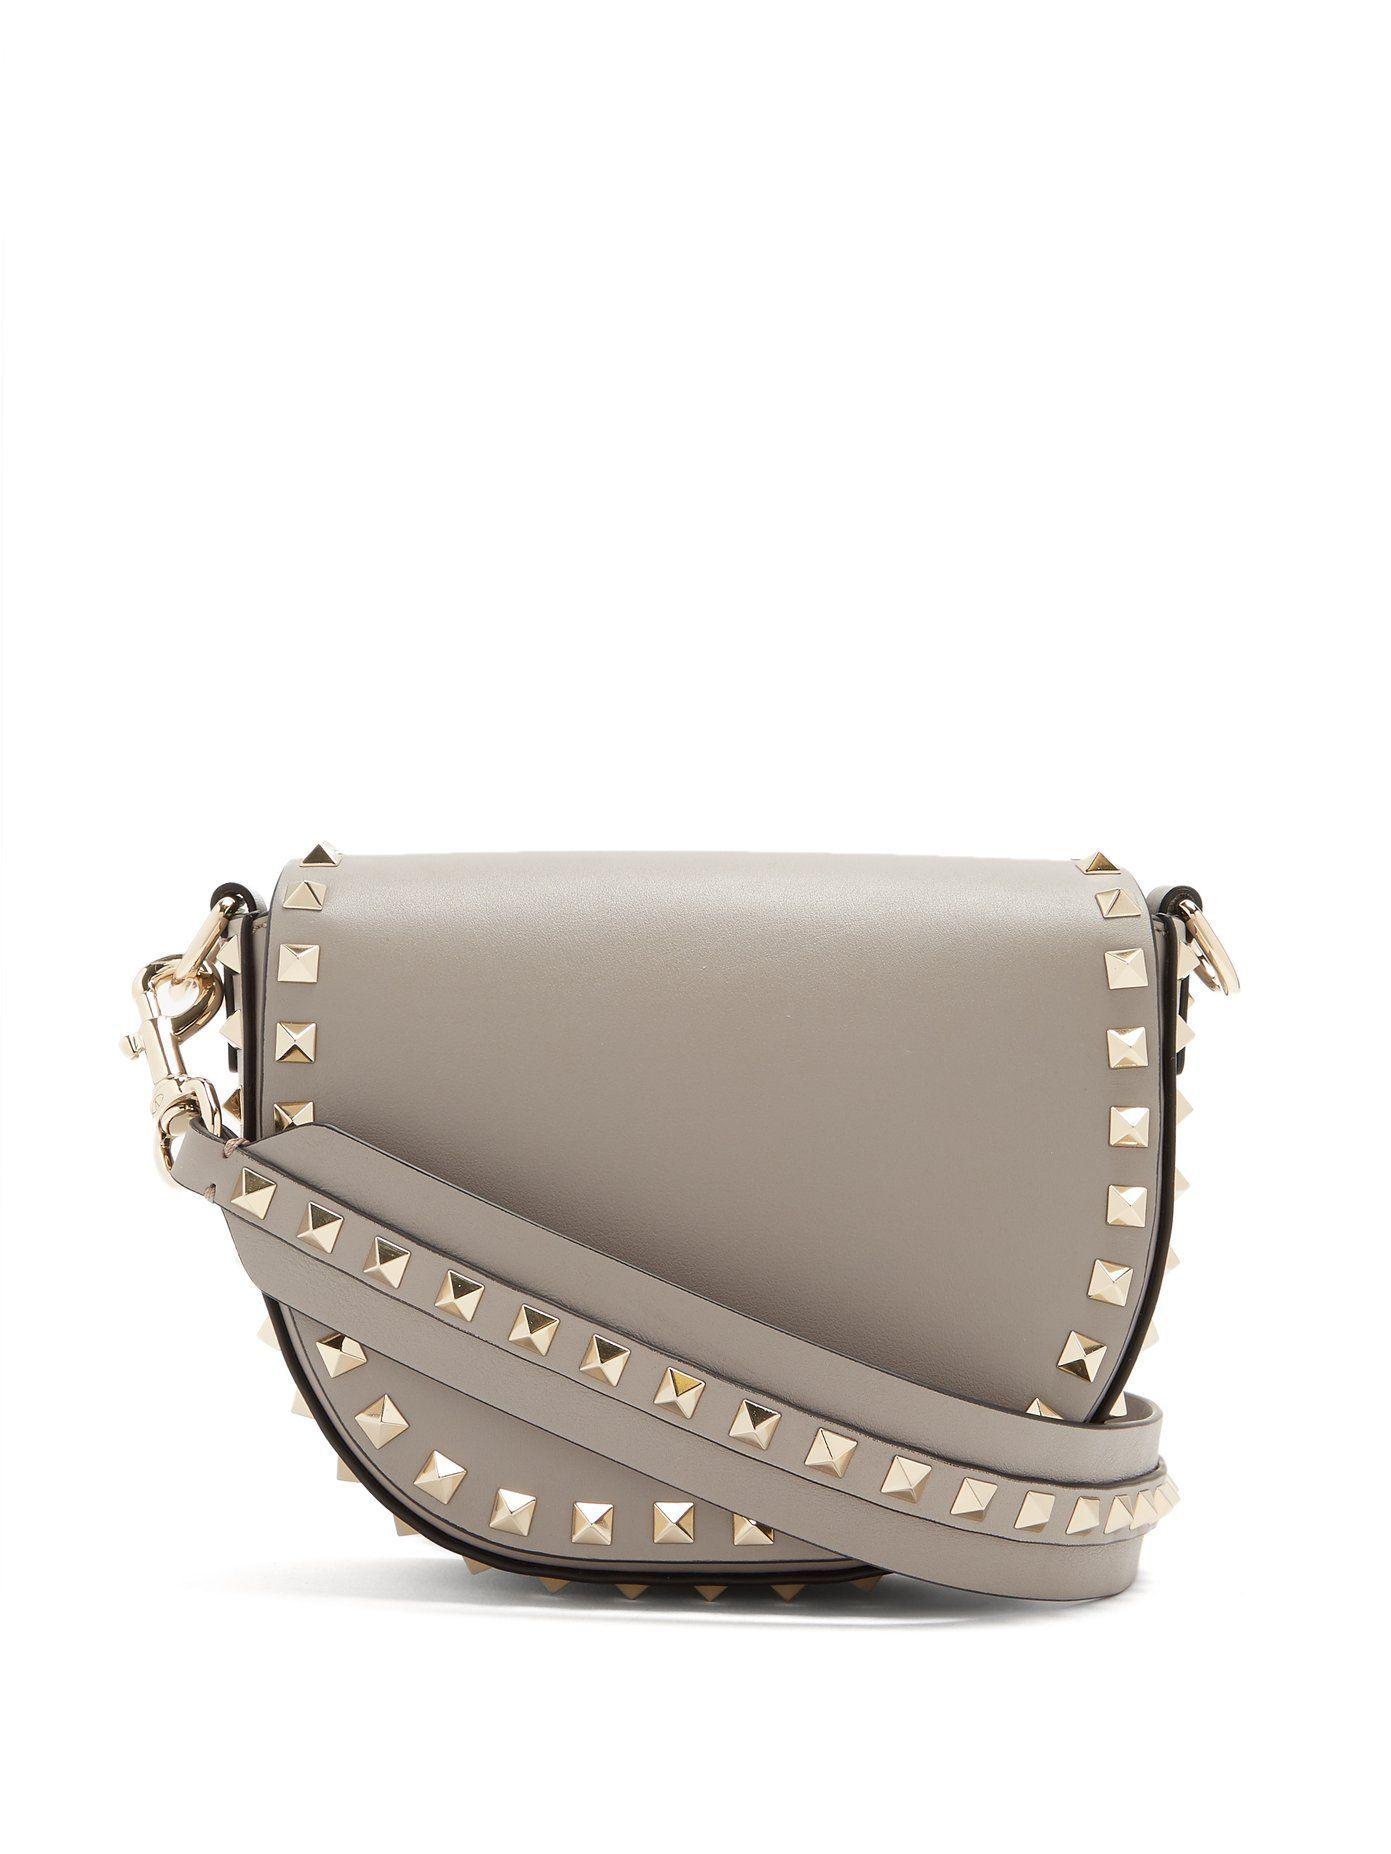 Mini Rockstud Valentino Shoulder Leather Saddle Bag 1FqUqZ84n